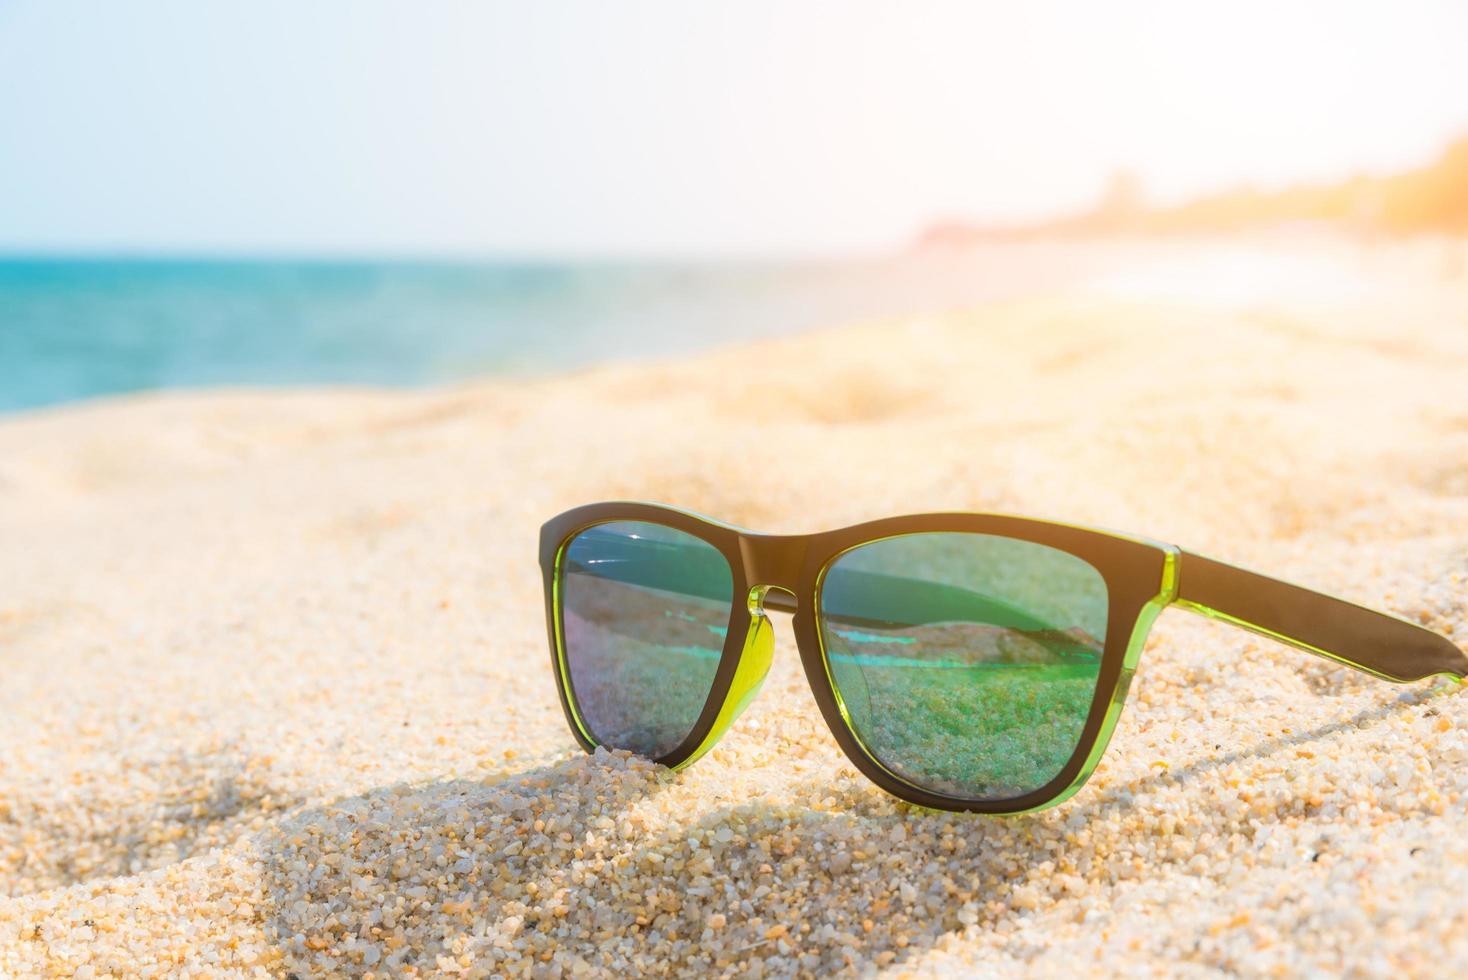 lunettes de soleil sur la plage photo